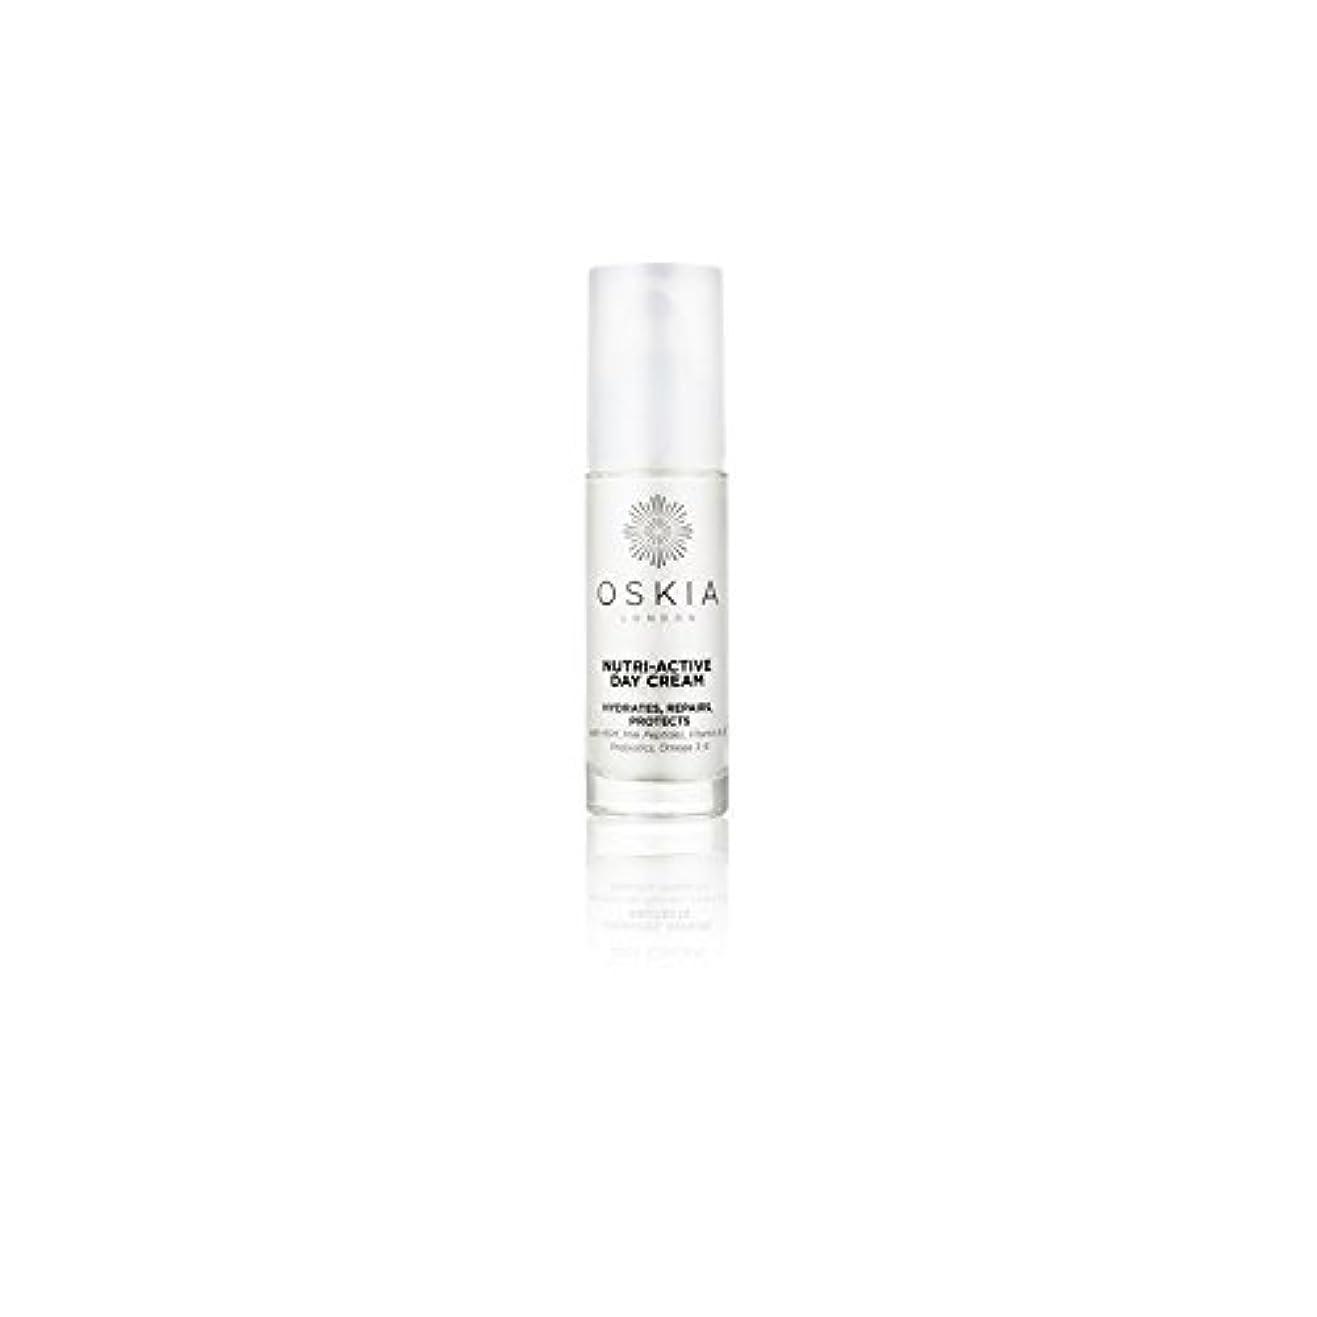 おしゃれじゃない陪審アッパーOskia Nutri-Active Day Cream (40ml) (Pack of 6) - のニュートリアクティブデイクリーム(40ミリリットル) x6 [並行輸入品]